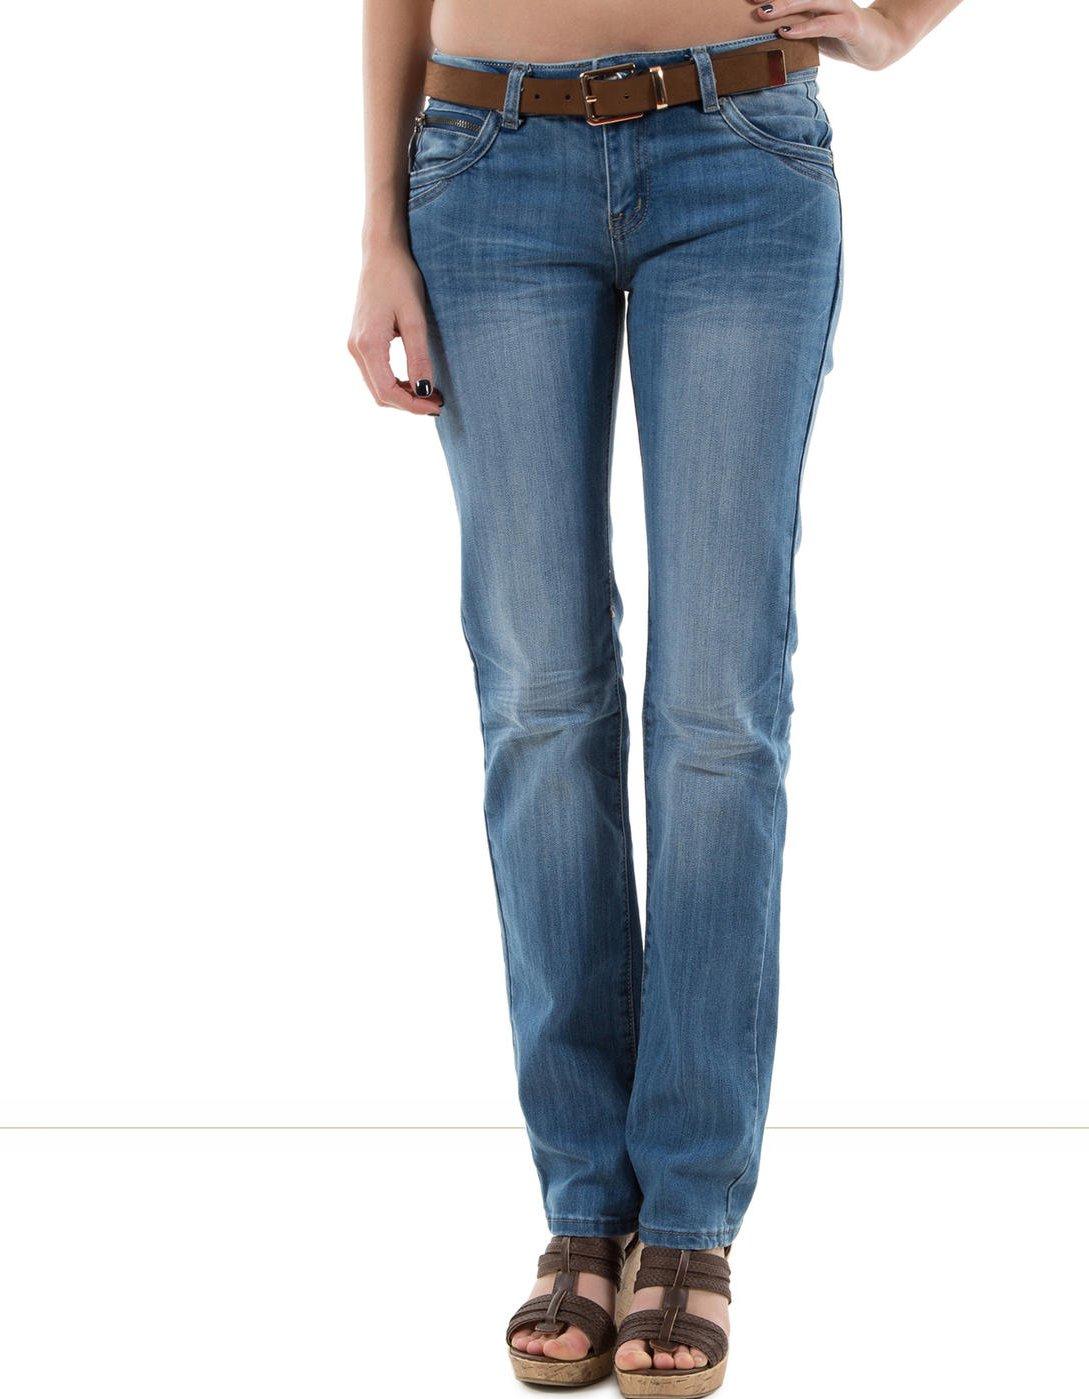 Jean droit femme cette coupe ne me va pas du tout - Jeans femme taille haute coupe droite ...